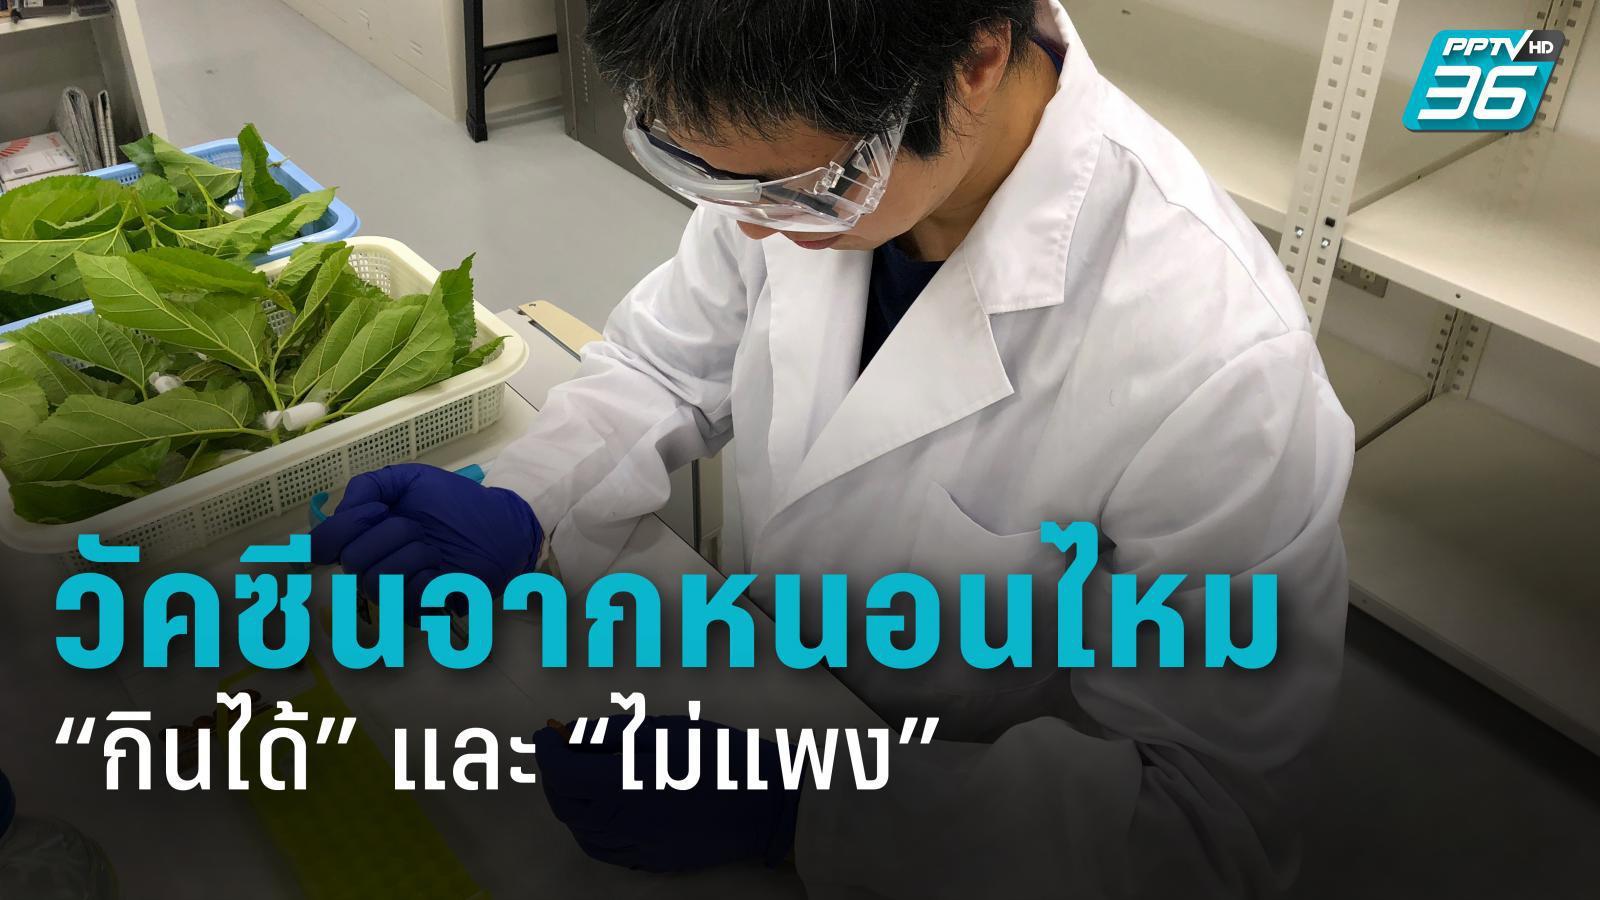 มหาวิทยาลัยญี่ปุ่น เริ่มสร้างวัคซีนโควิด-19 จากโปรตีนหนอนไหม